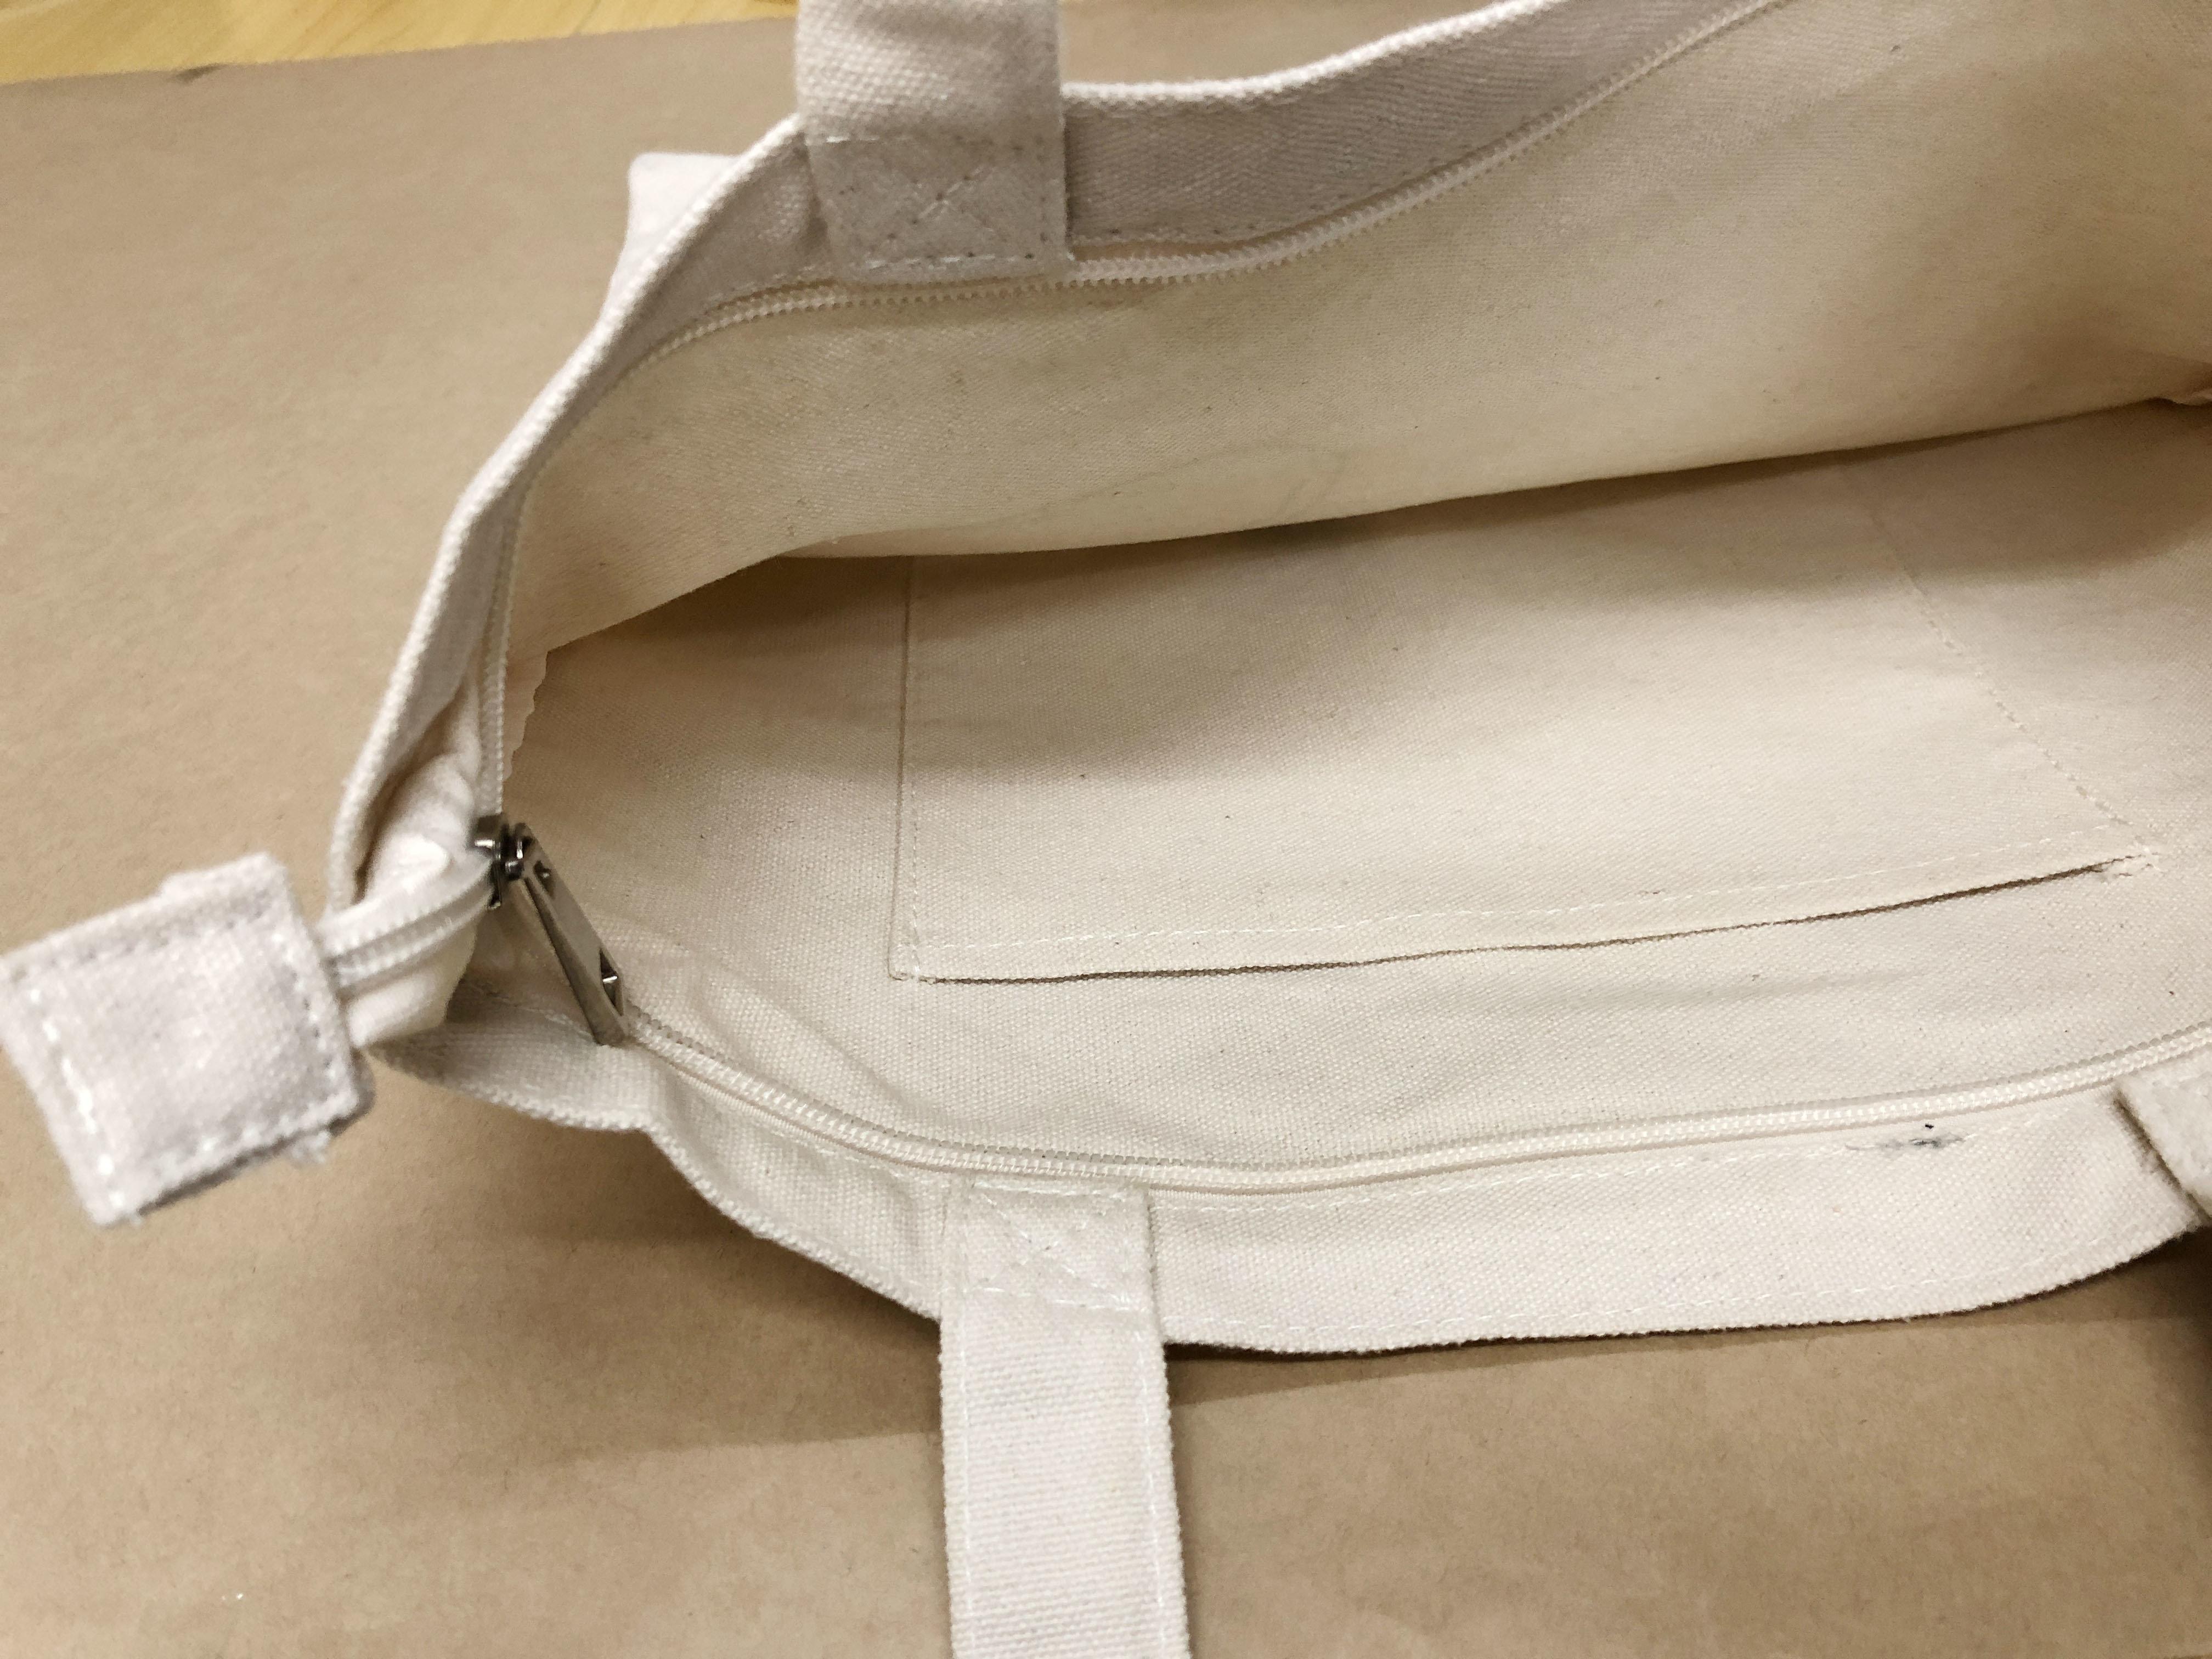 對抗威權系列 — 在頹垣中創造希望 布袋|厚布料,揹帶 20cm 高